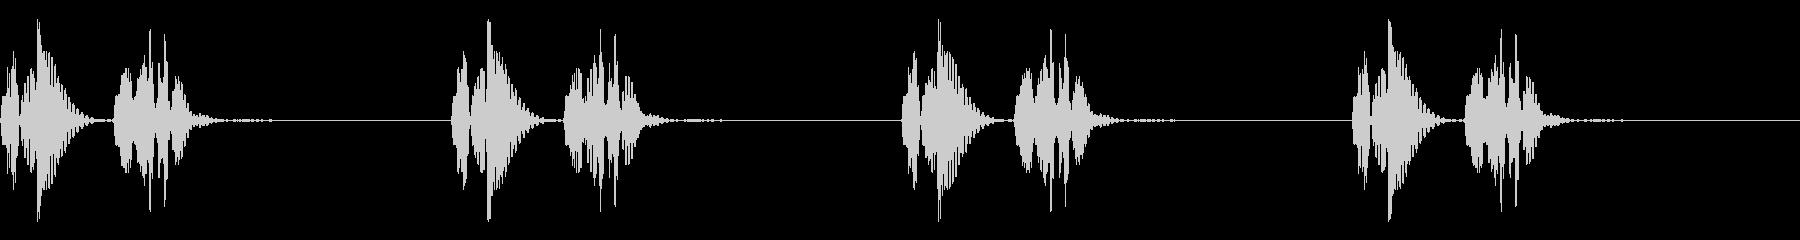 心臓の鼓動,心音の効果音,ドキドキ④の未再生の波形